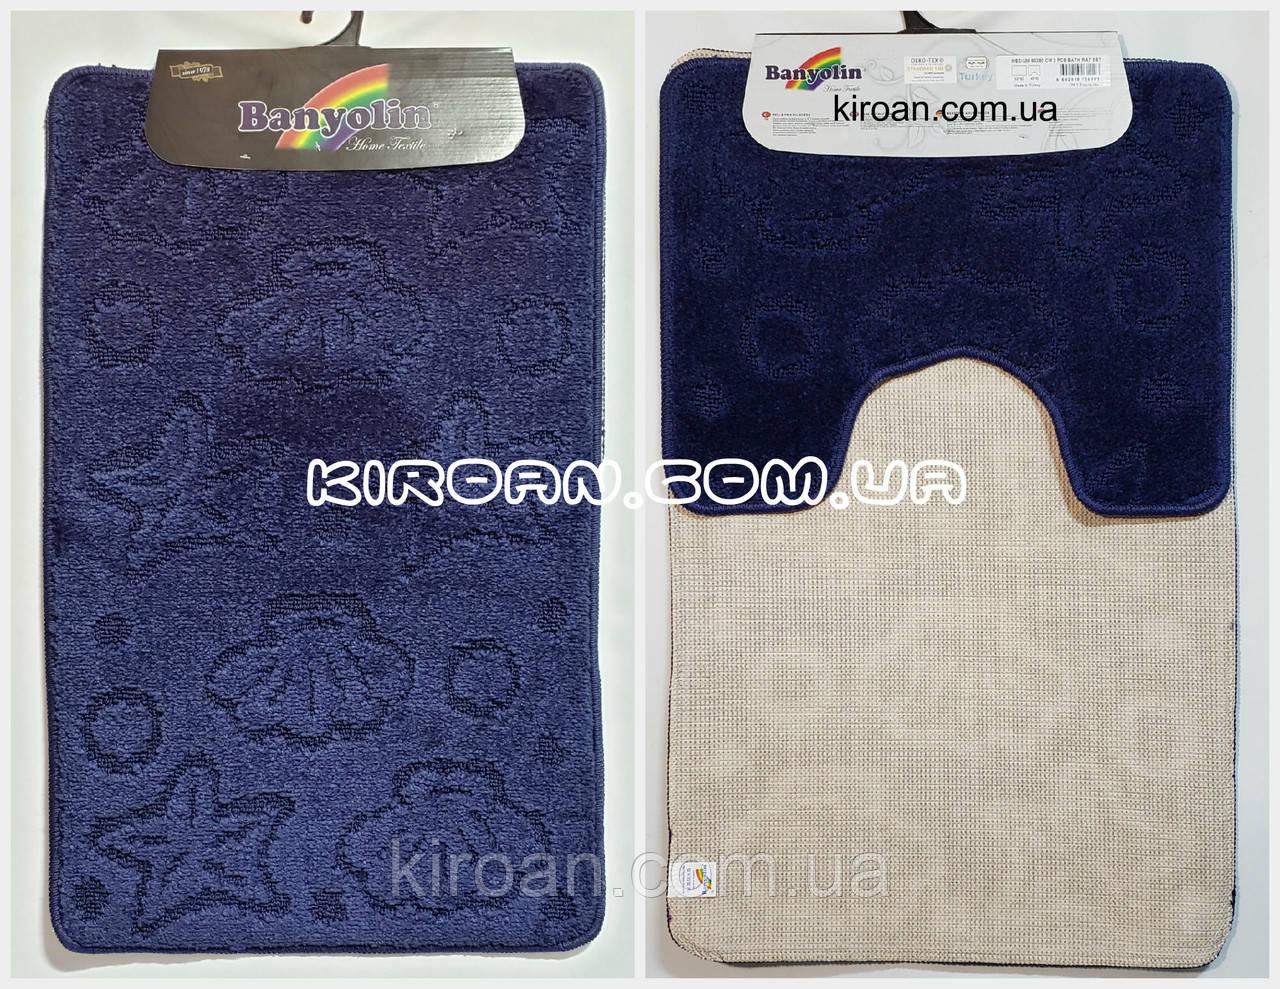 Набор ковриков в ванную комнату BANYOLIN 50x80см и с вырезом 40x50см (цвет синий )